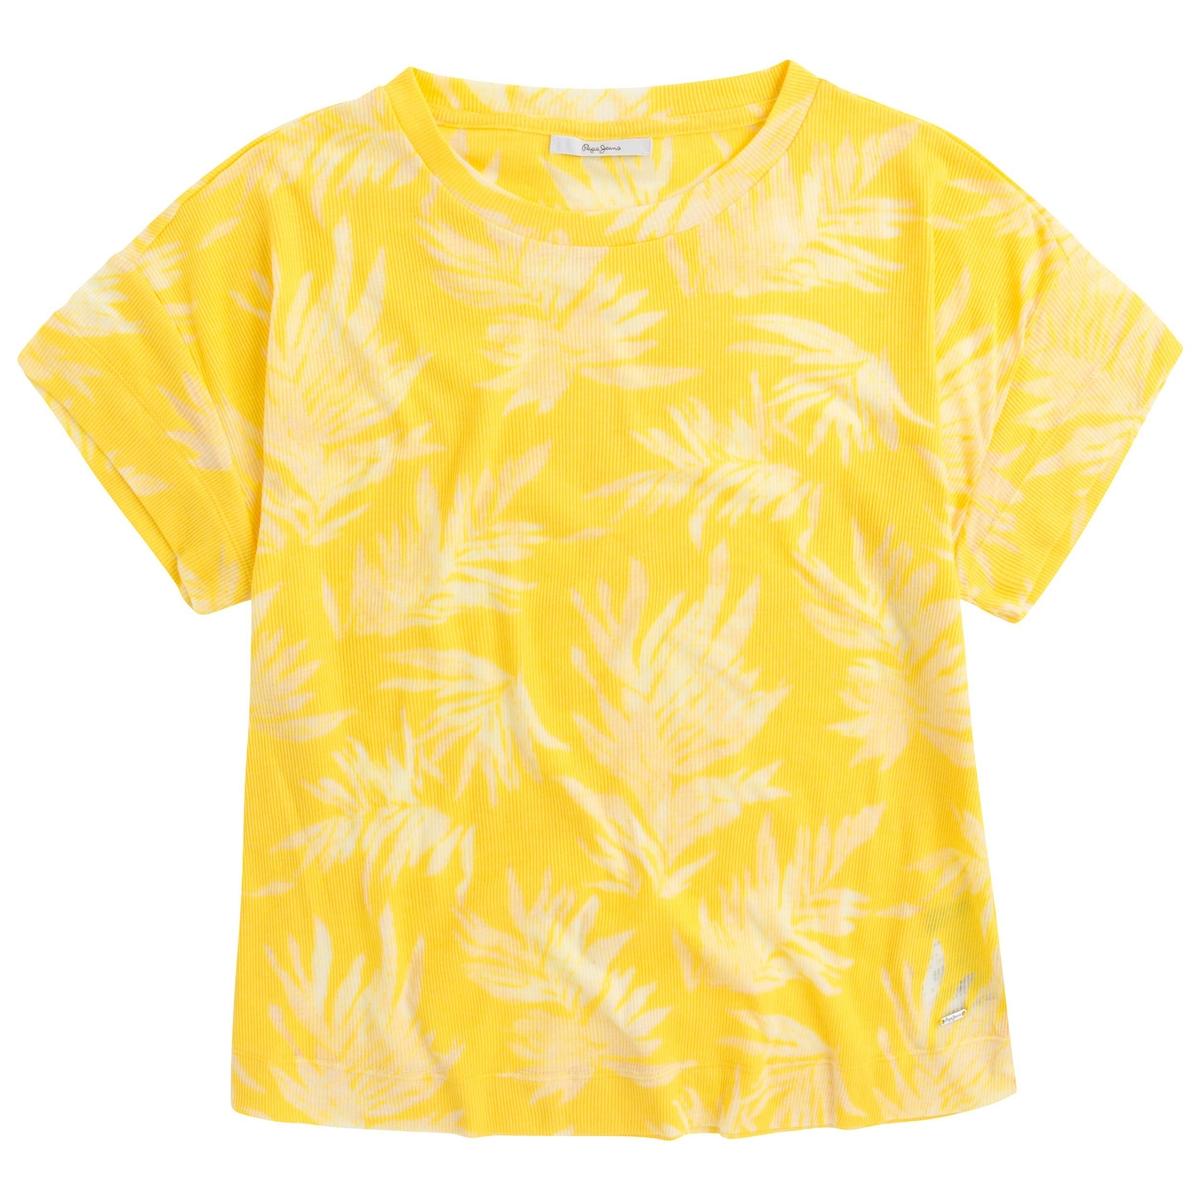 Camiseta con cuello redondo y estampado de flores, manga corta